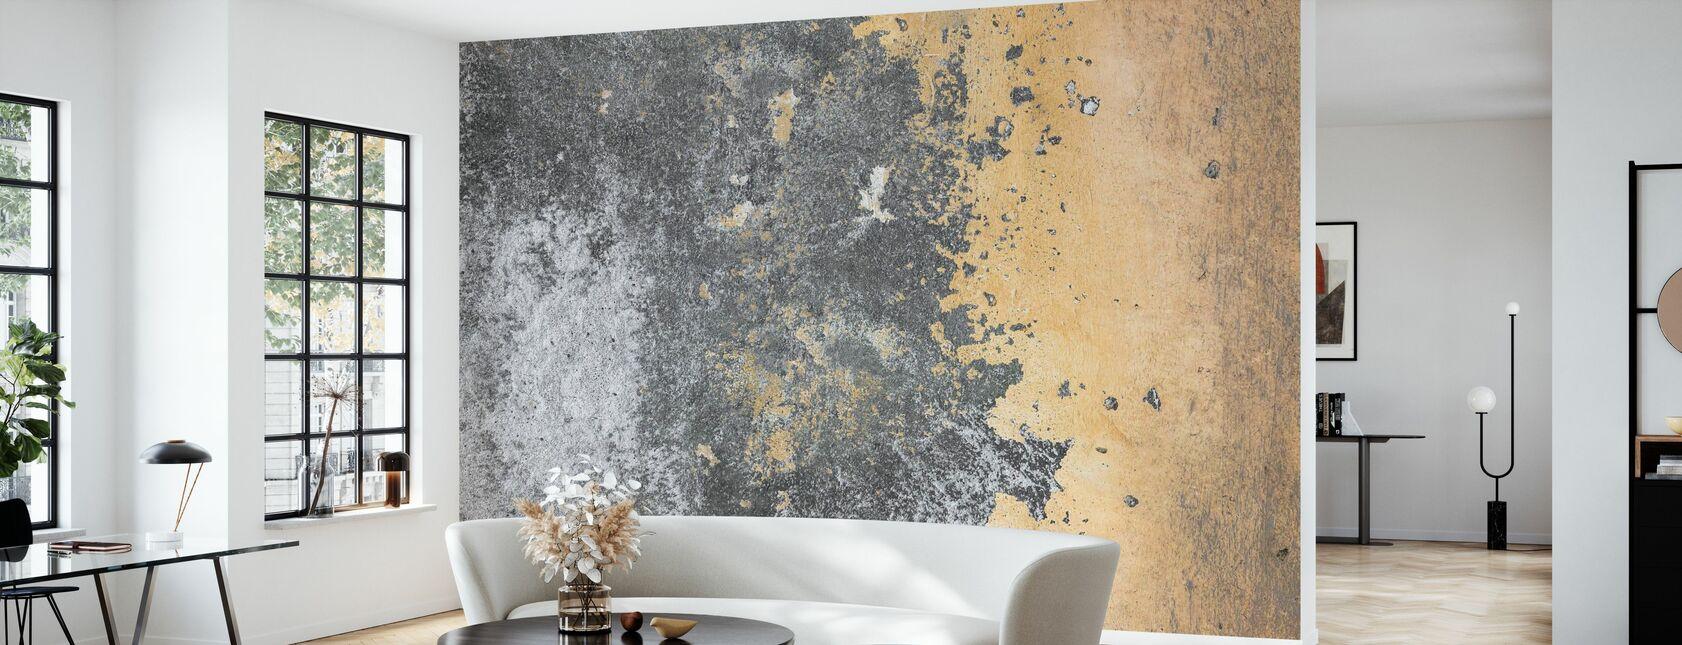 Grunge und Peeling Wand - Tapete - Wohnzimmer